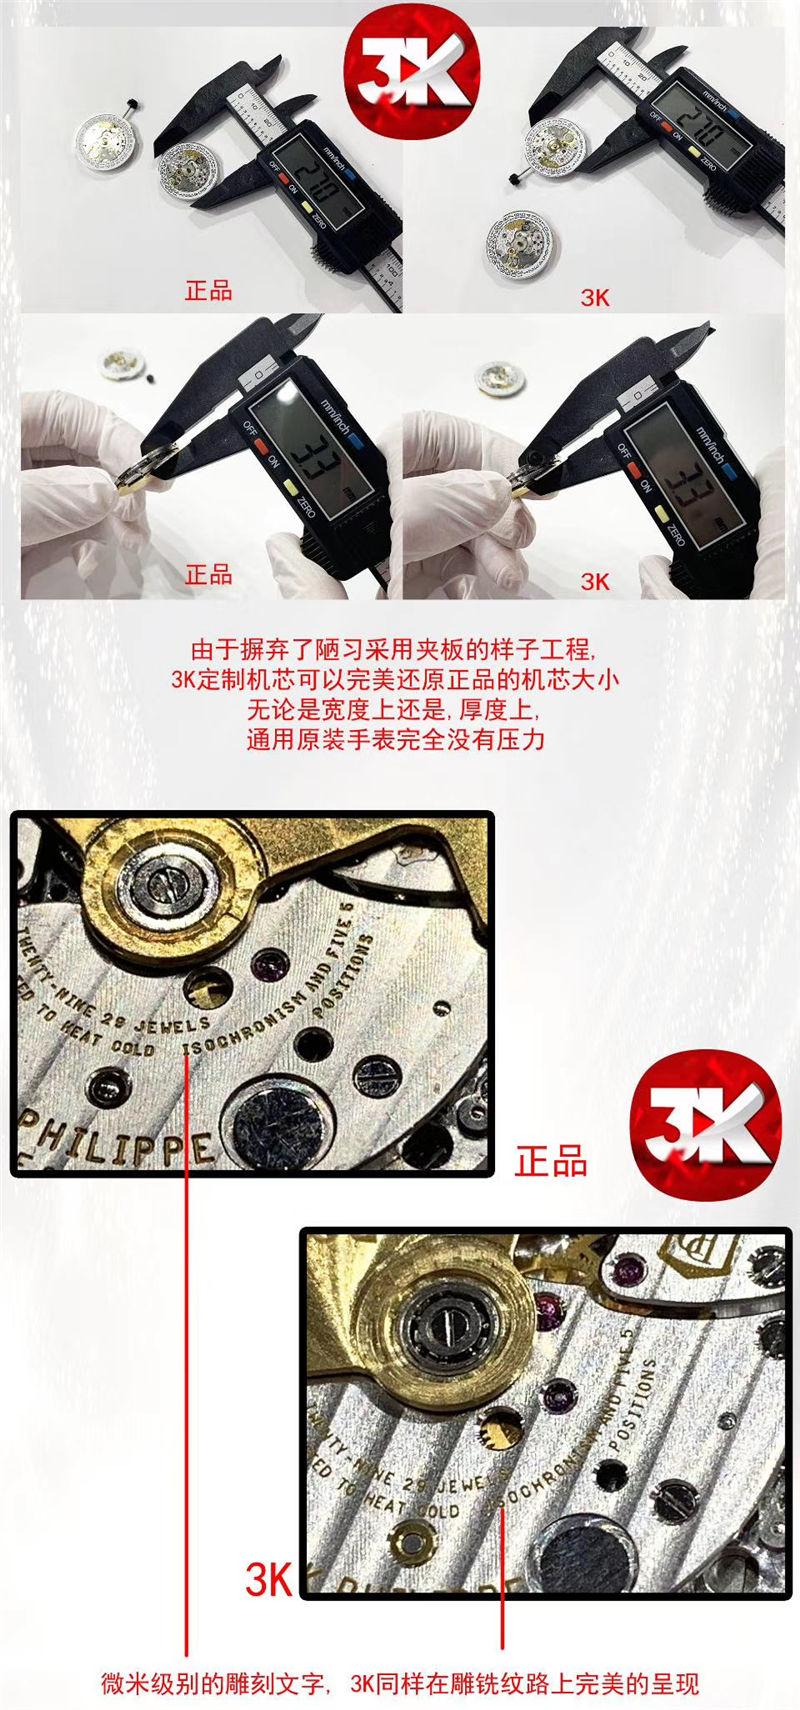 3K厂百达翡丽手雷_复刻表与正品对比测评-第8张